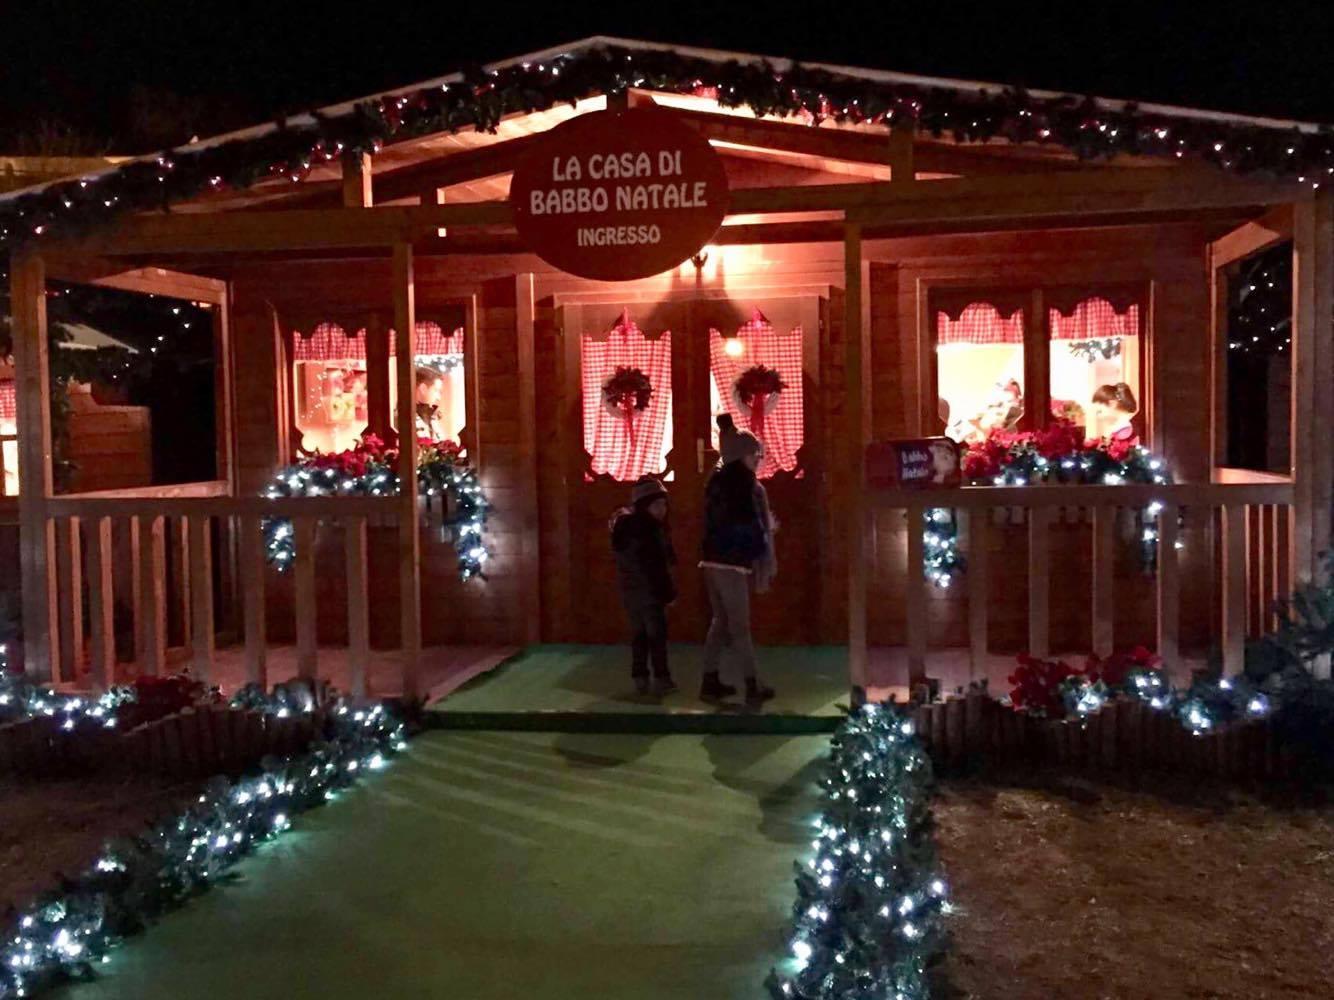 Dove E La Casa Di Babbo Natale.La Casa Di Babbo Natale A Castel Castagna Dall 8 Dicembre Al 6